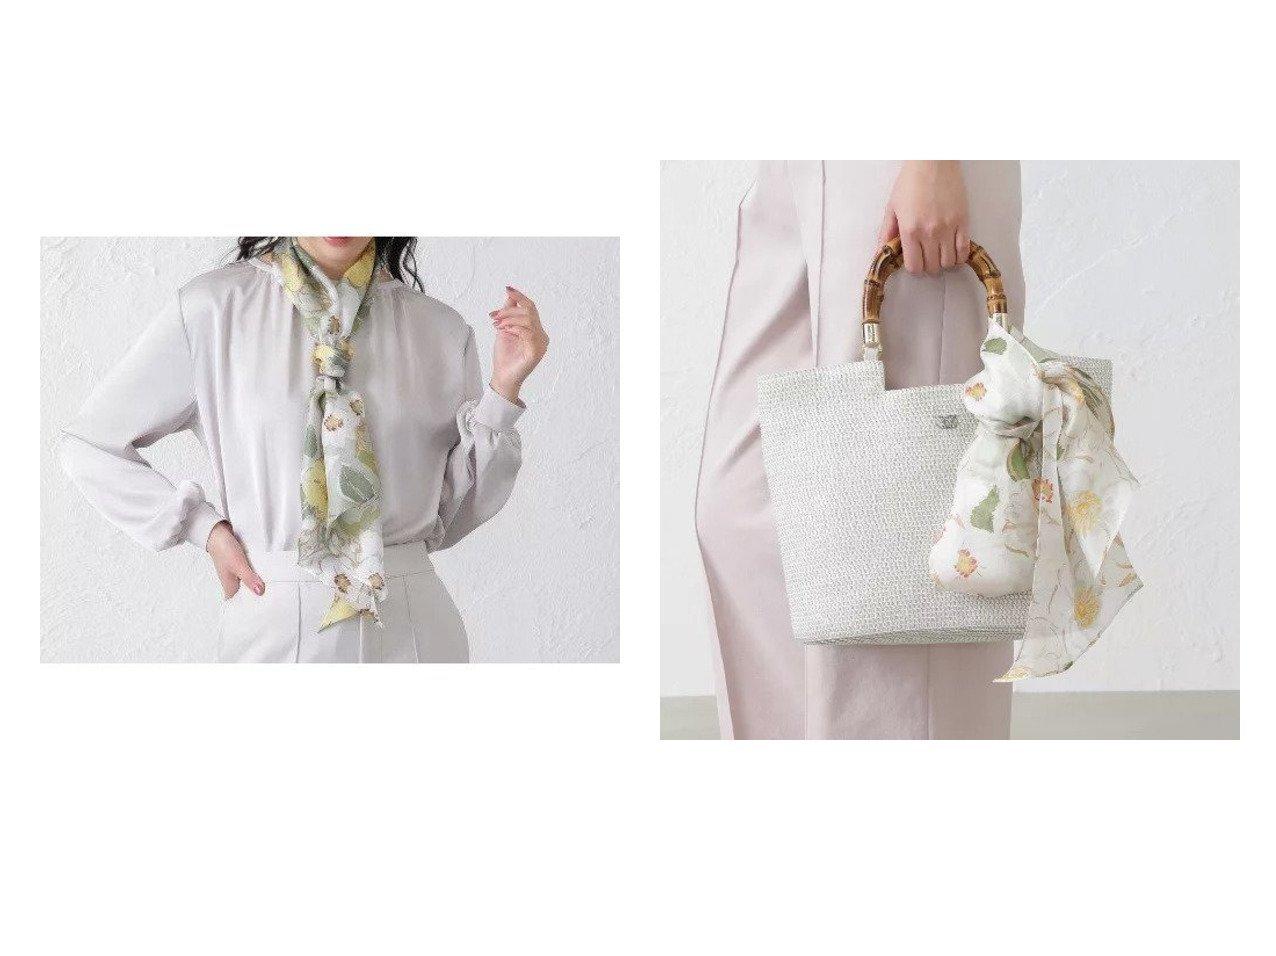 【AMACA/アマカ】のスプリングガーデンシルクメッシュストール おすすめ!人気、トレンド・レディースファッションの通販   おすすめで人気の流行・トレンド、ファッションの通販商品 メンズファッション・キッズファッション・インテリア・家具・レディースファッション・服の通販 founy(ファニー) https://founy.com/ ファッション Fashion レディースファッション WOMEN ストール Scarves マフラー Mufflers ガーデン シルク ジャケット スカーフ ストール スプリング マフラー 洗える |ID:crp329100000036860